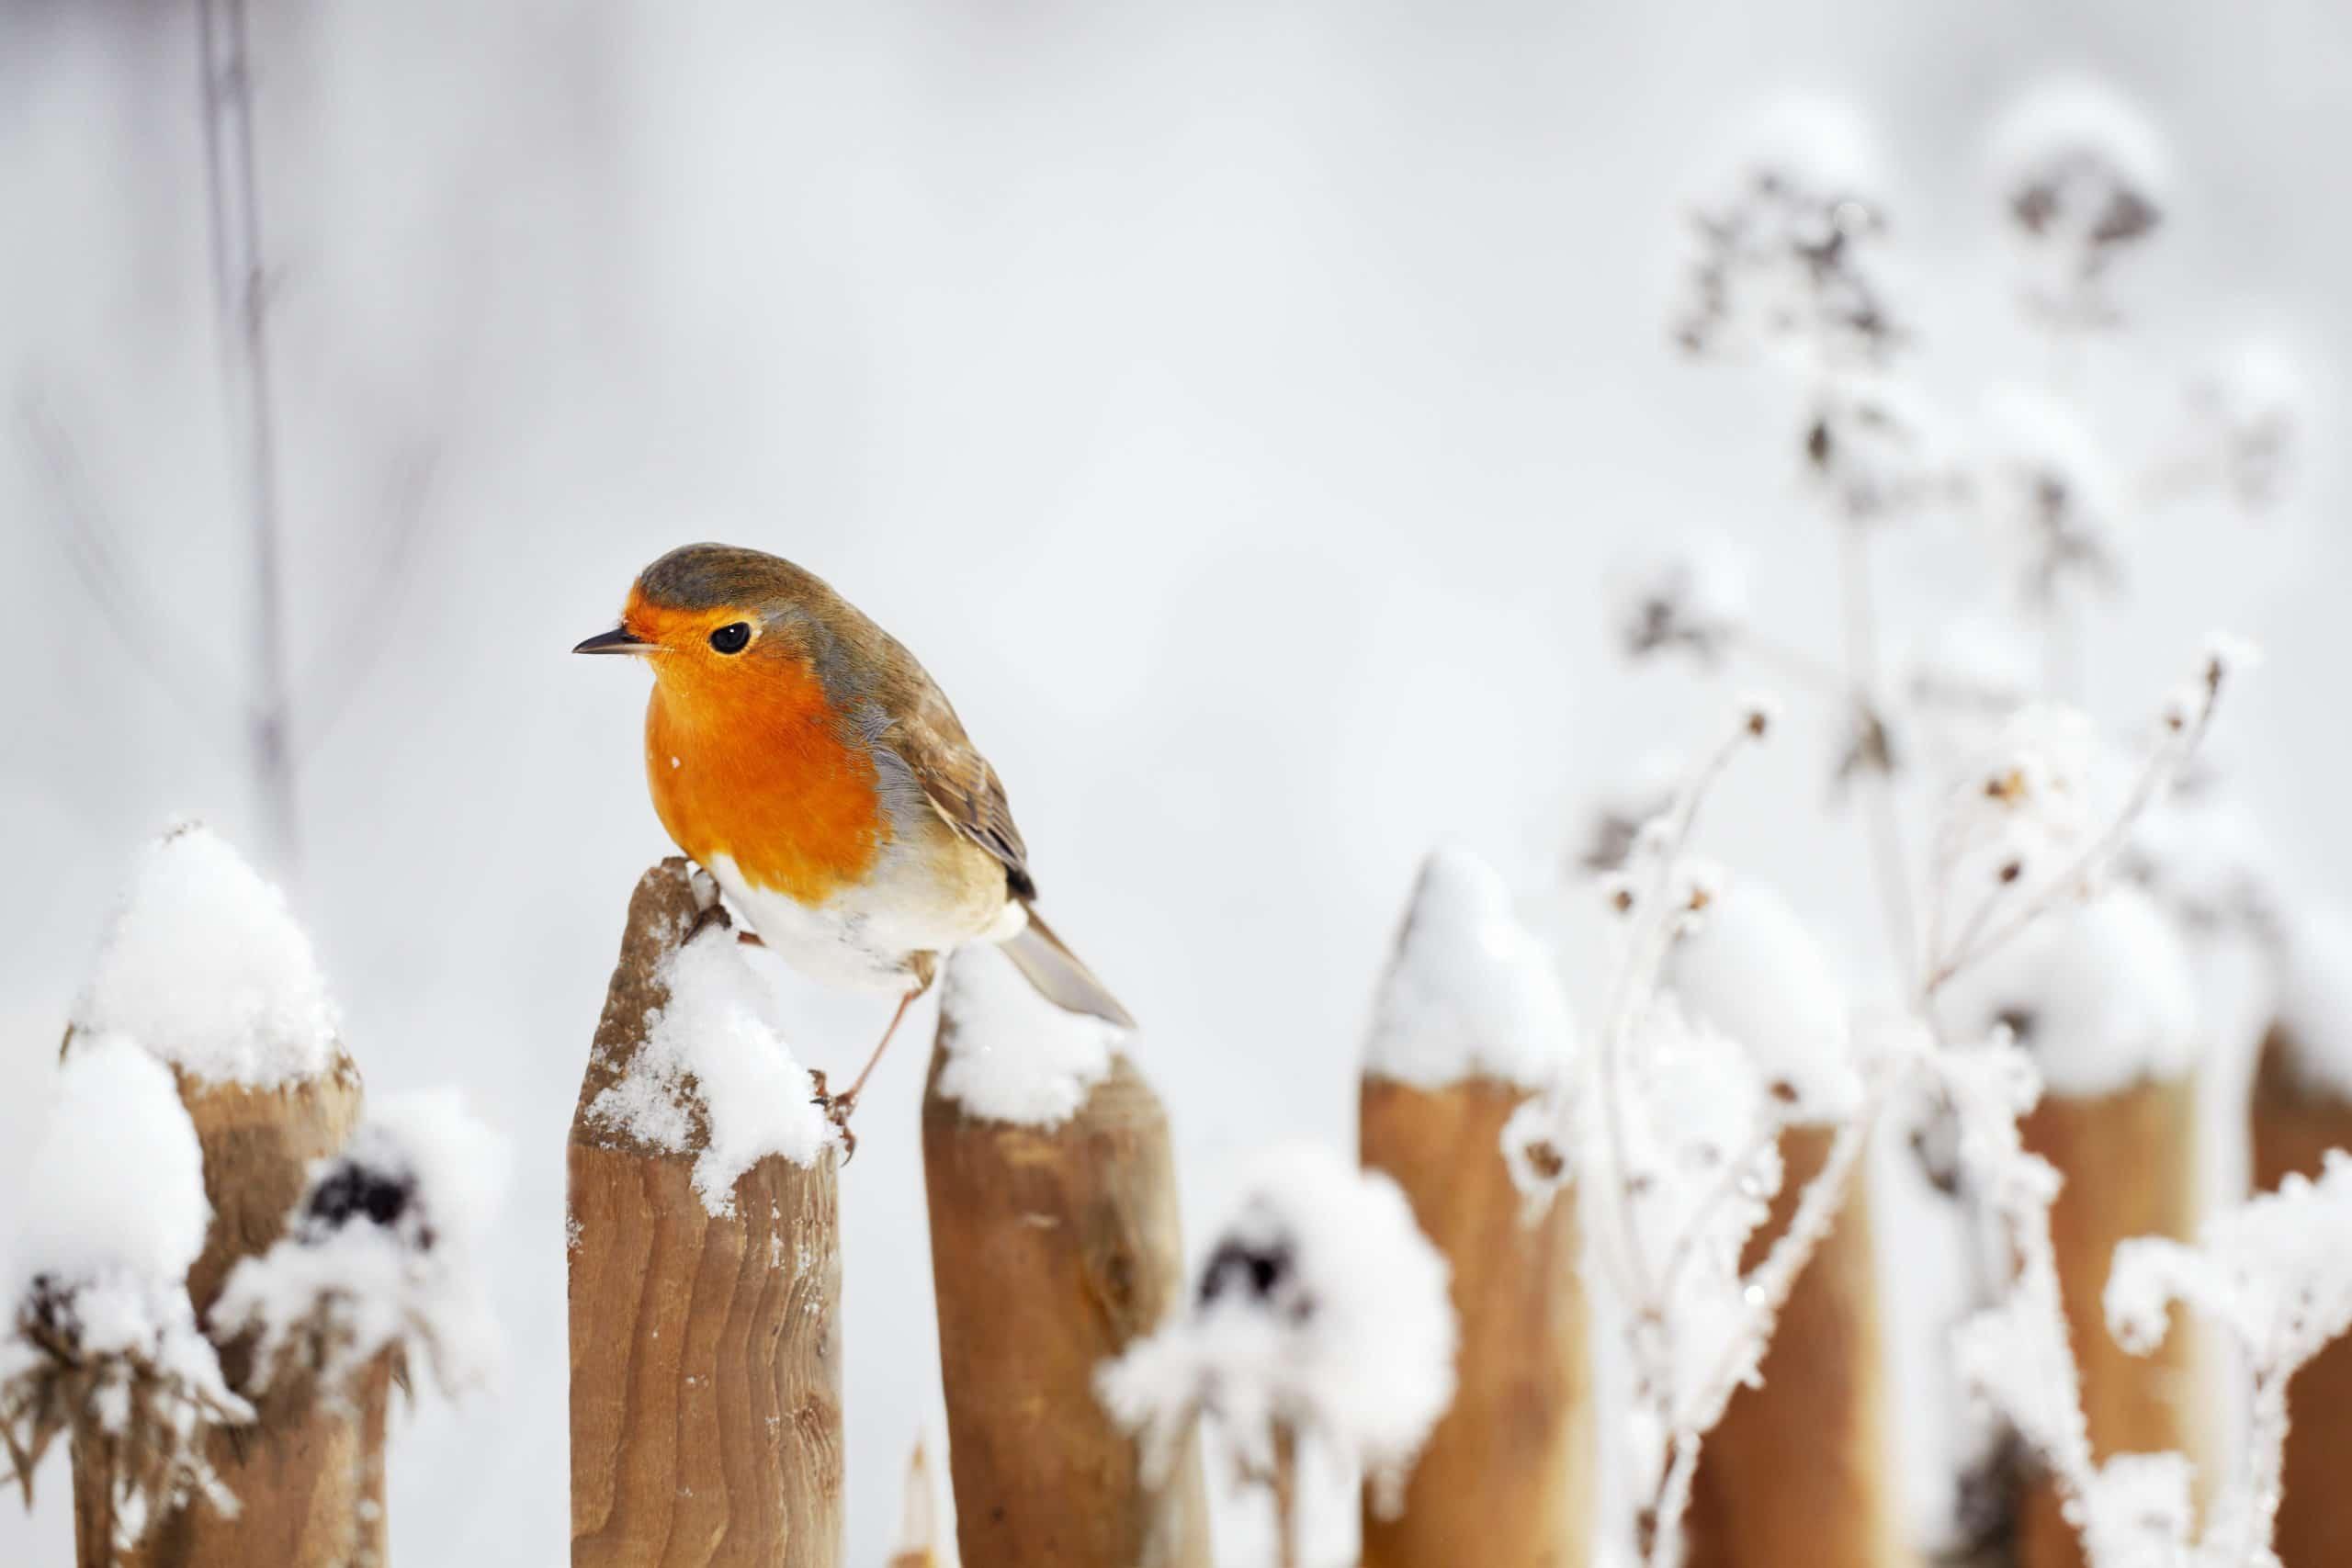 European Robin perching on a garden fence in winter